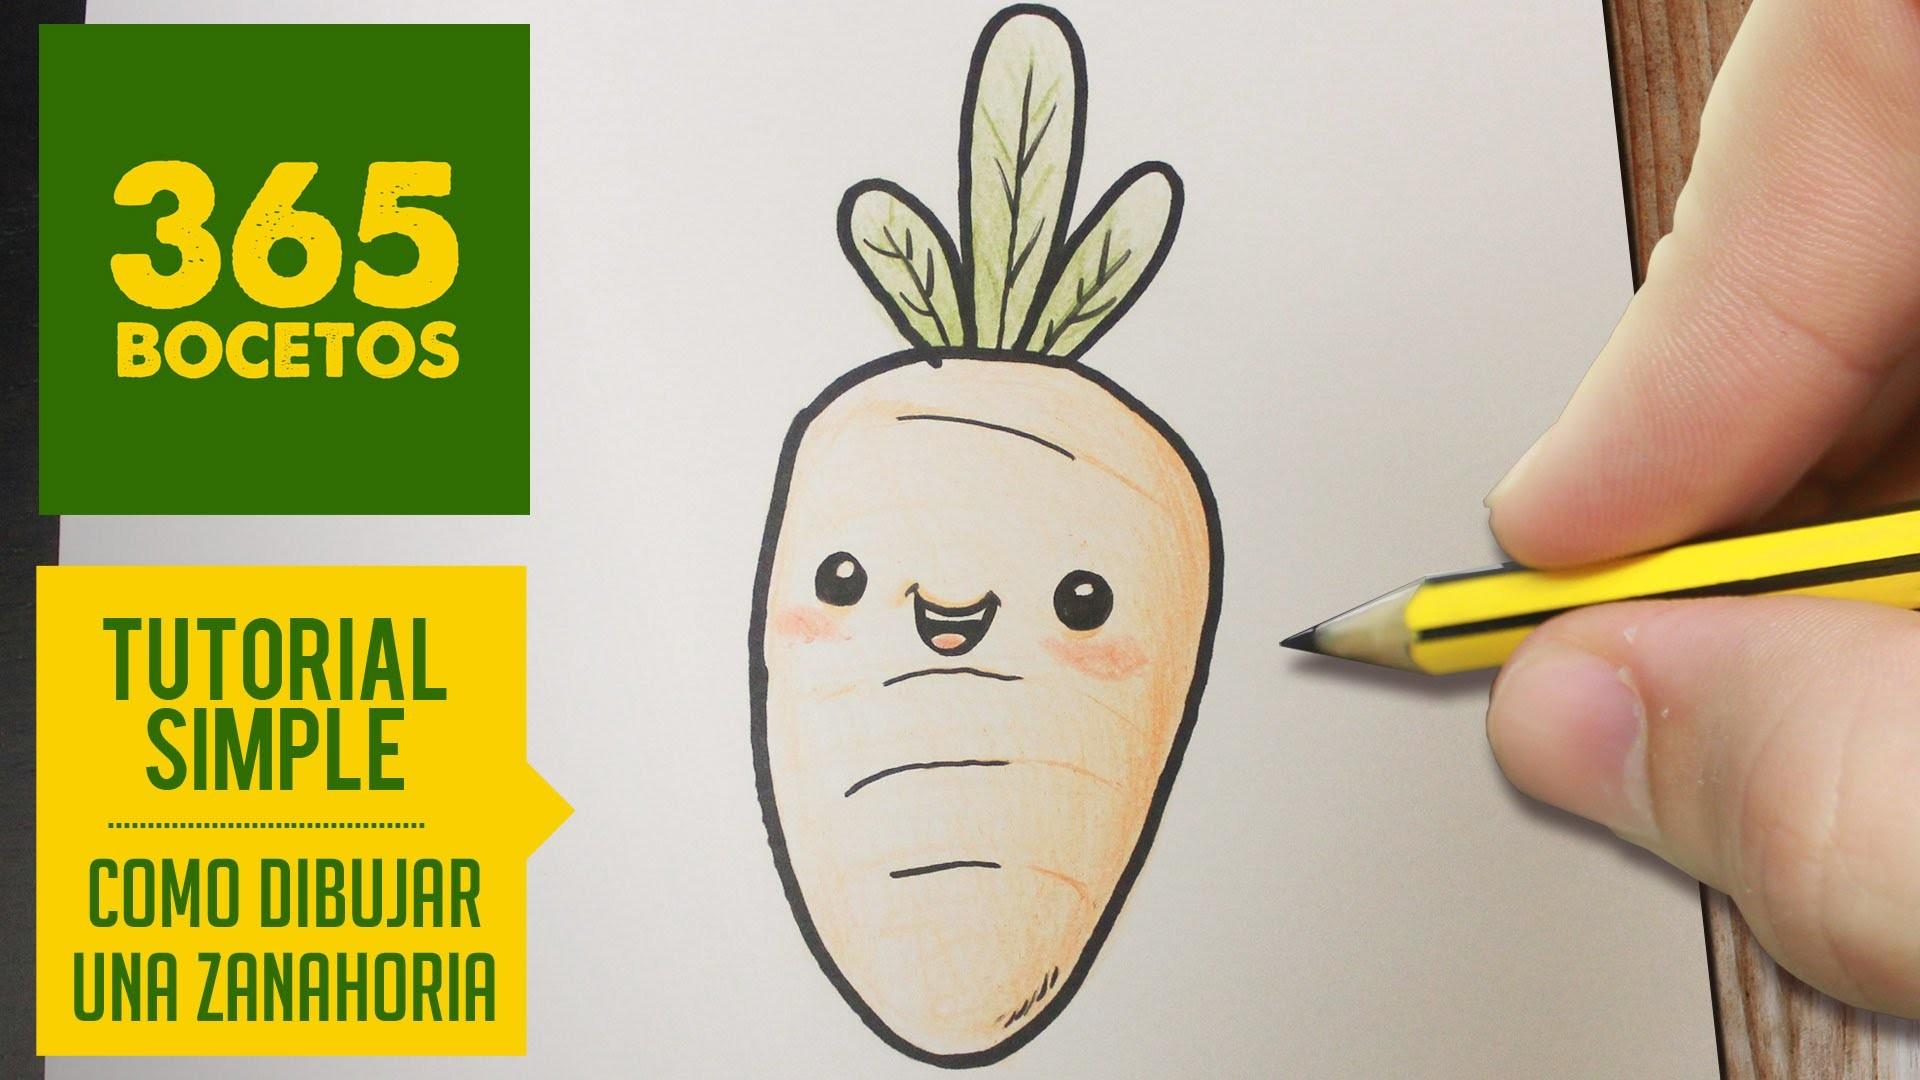 Como Dibujar Un Zanahoria Facil Paso A Paso Kawaii Aprender A Dibujar Para Ninos Y Mayores Para interesar al niño en el proceso de dibujo, ofrecemos algunos datos interesantes: como dibujar un zanahoria facil paso a